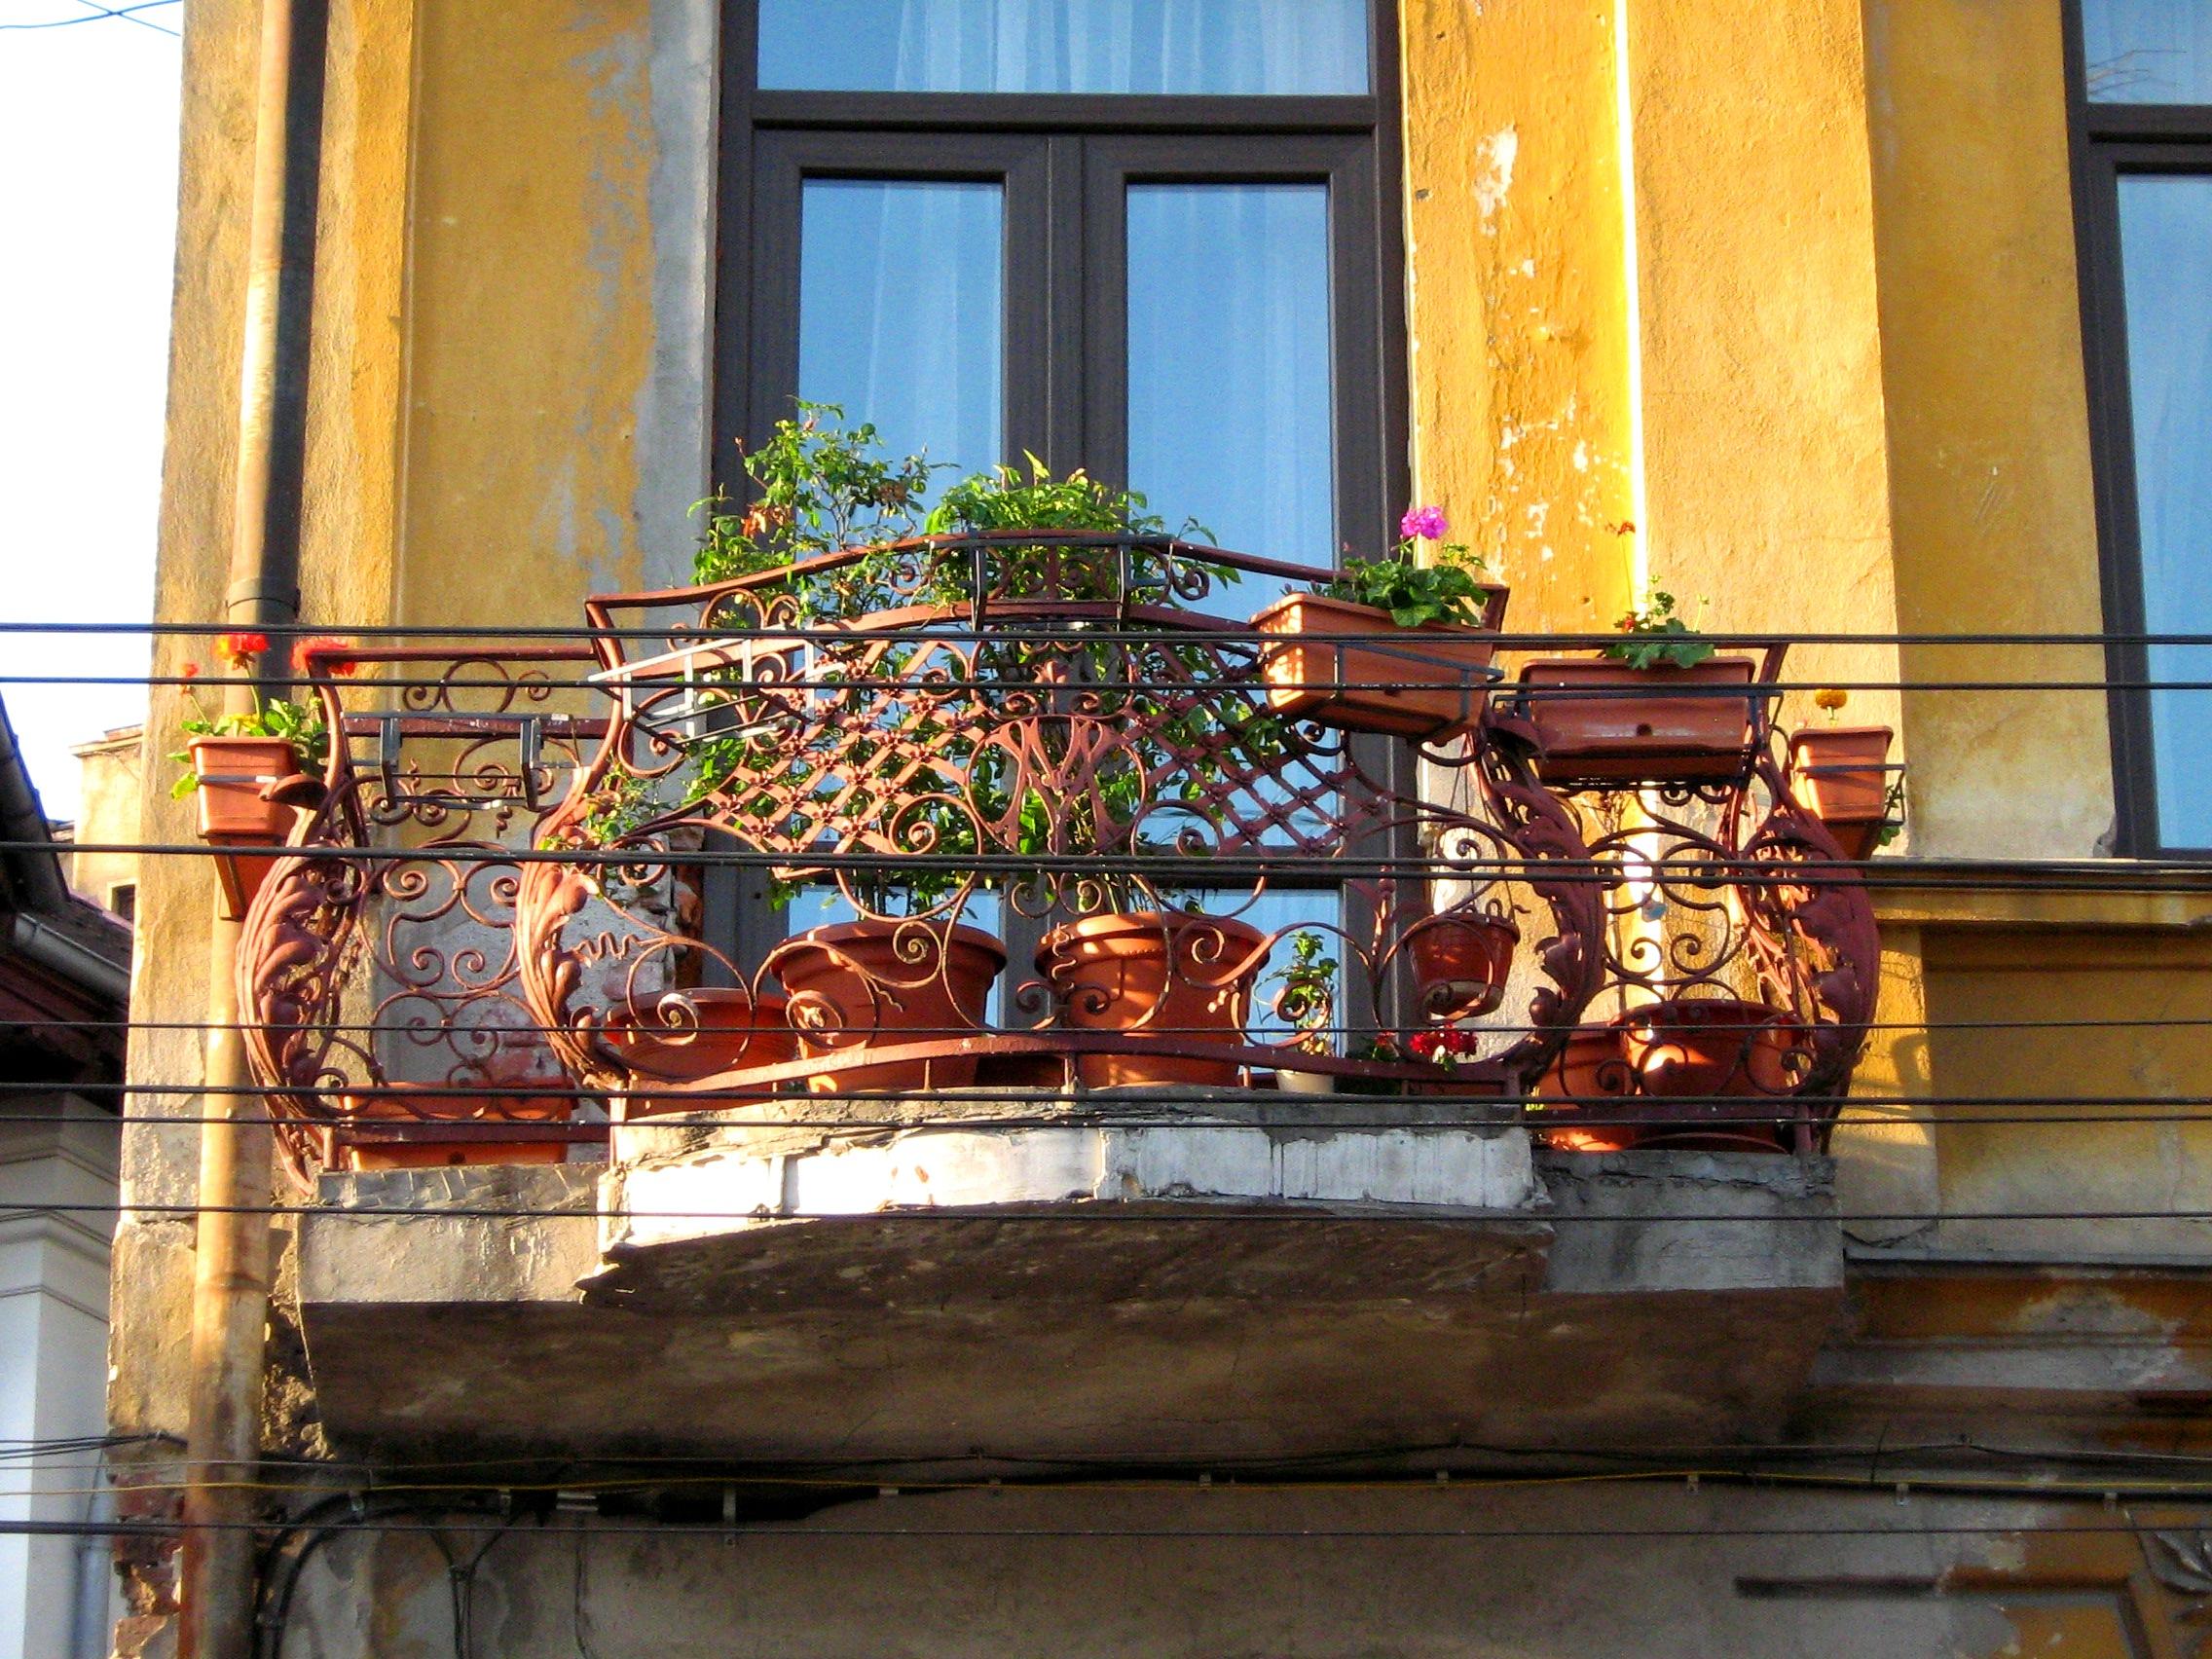 Bukareszt (fot. Gabriel / Flickr.com / CC BY 2.0)